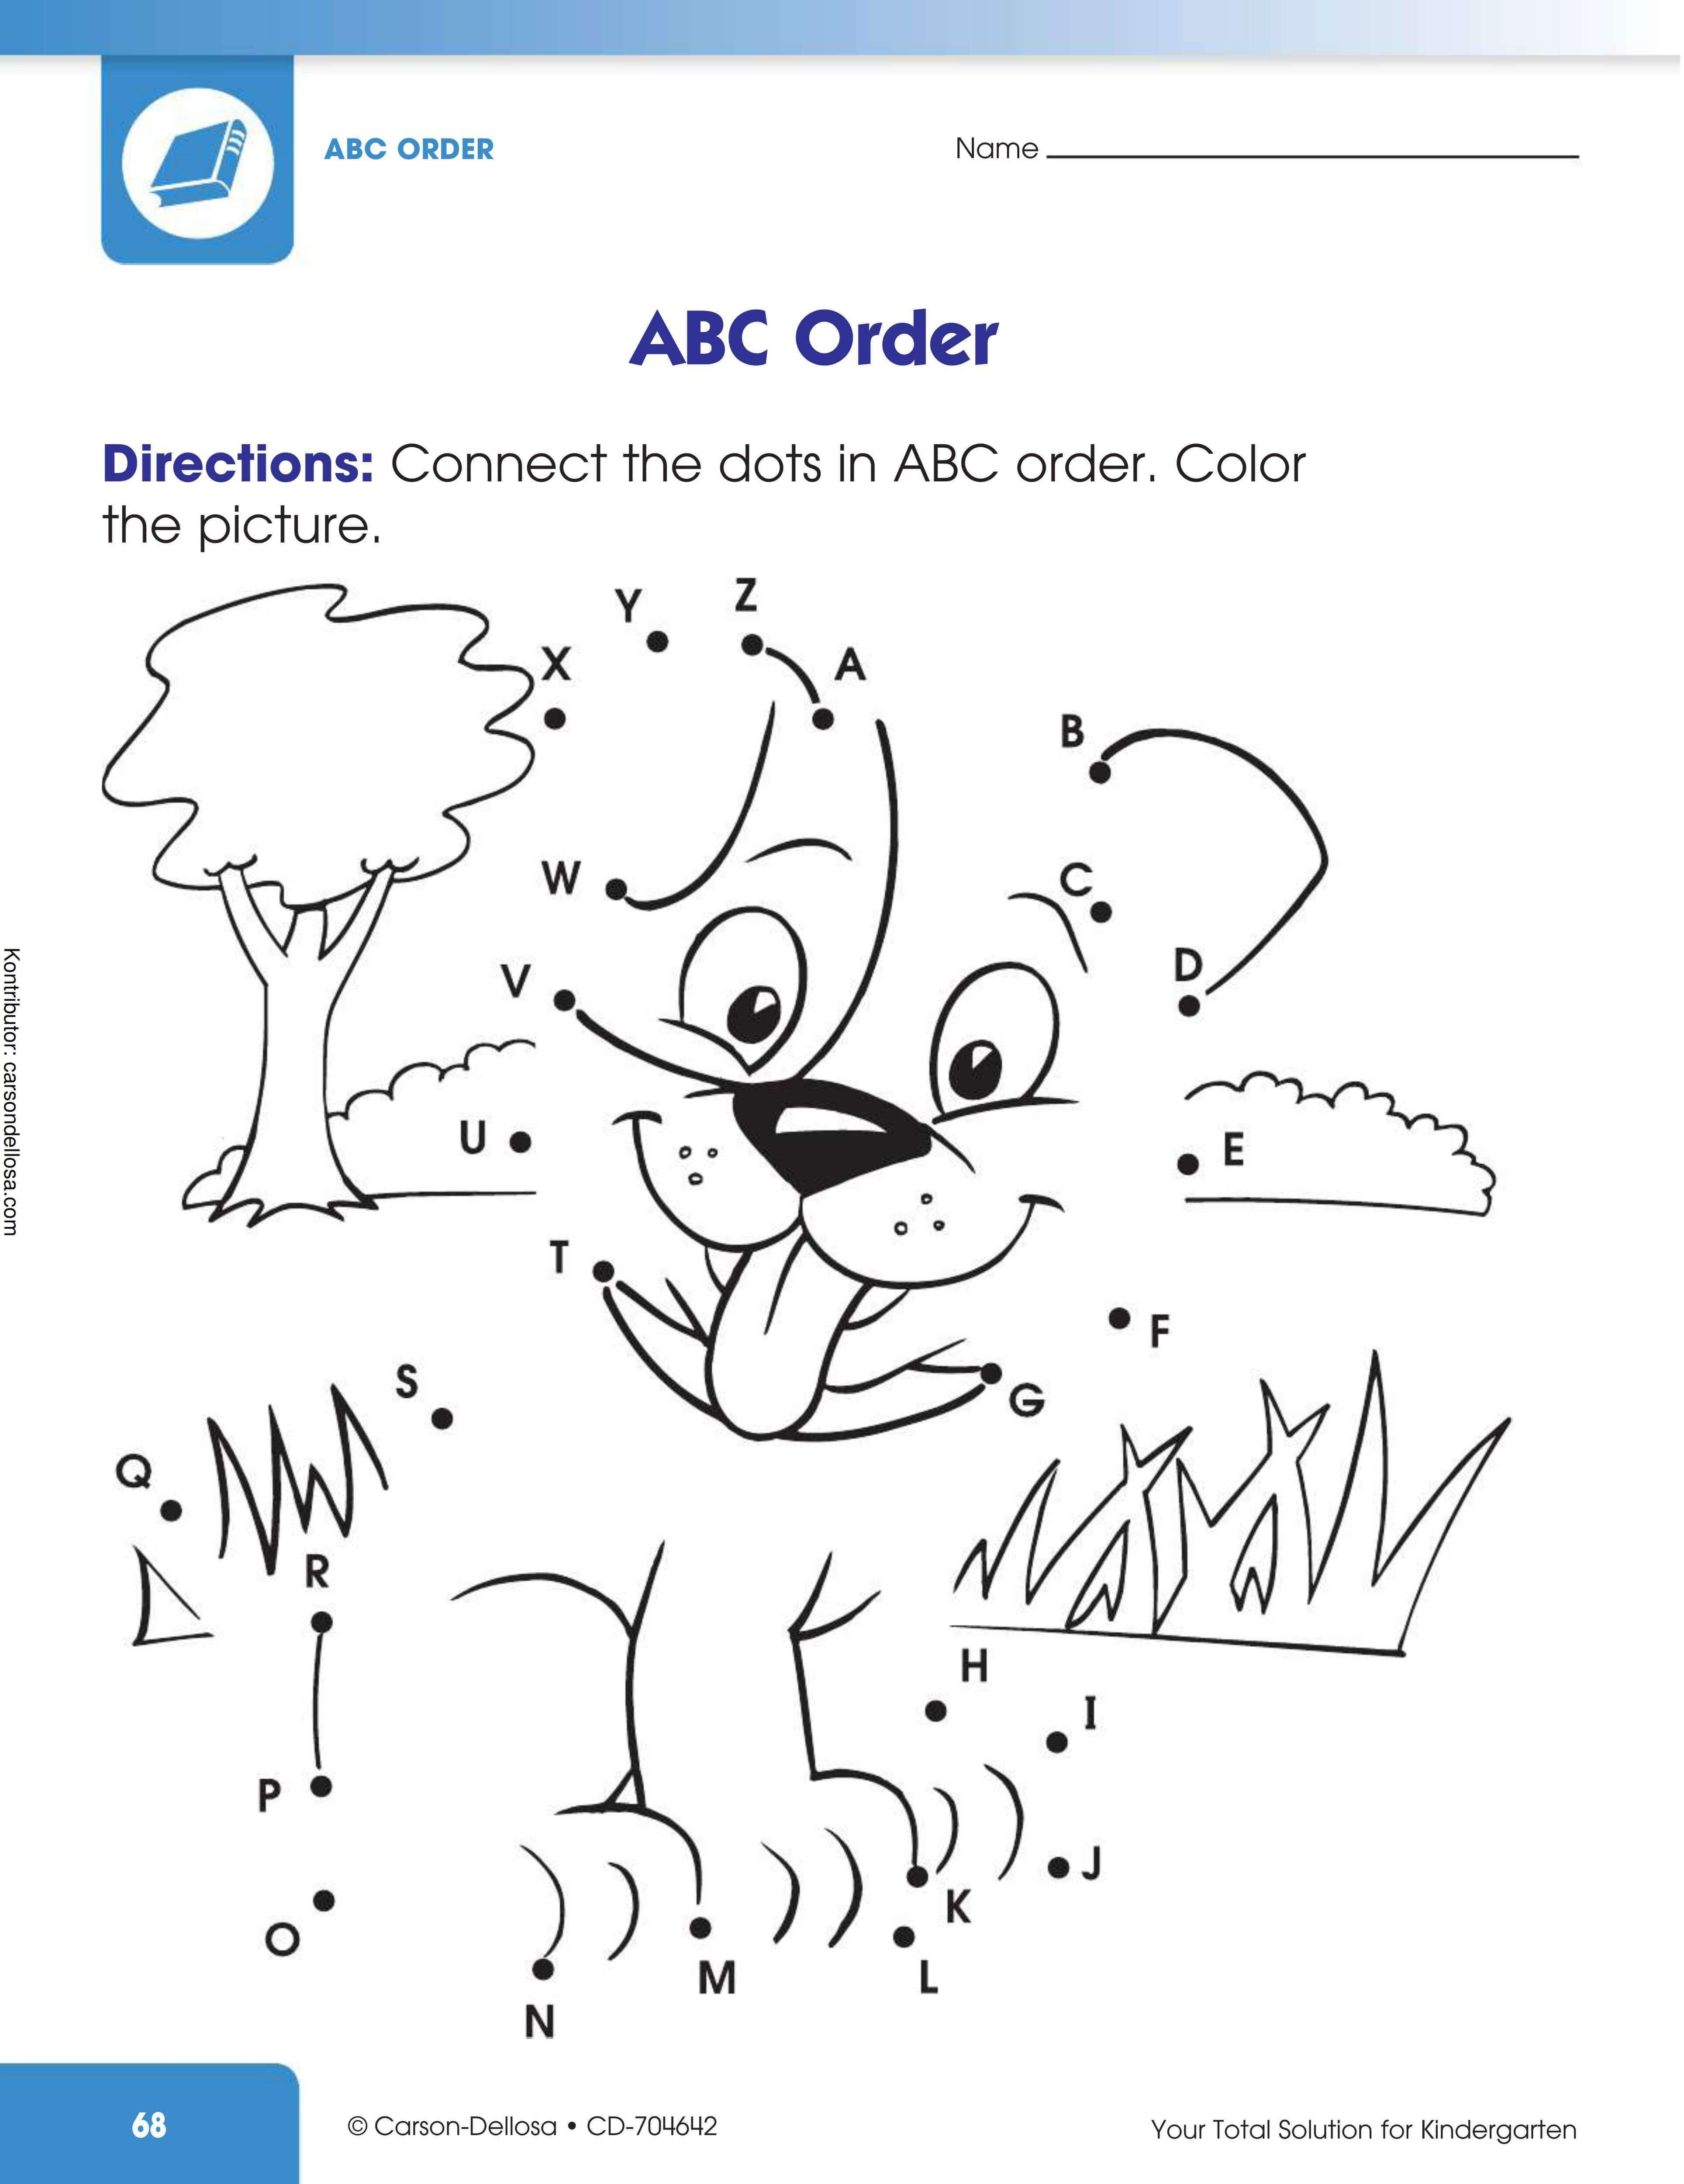 Belajar Alpabet dengan Menghubungkan Titik-Titik pada Gambar Dogi Anjing